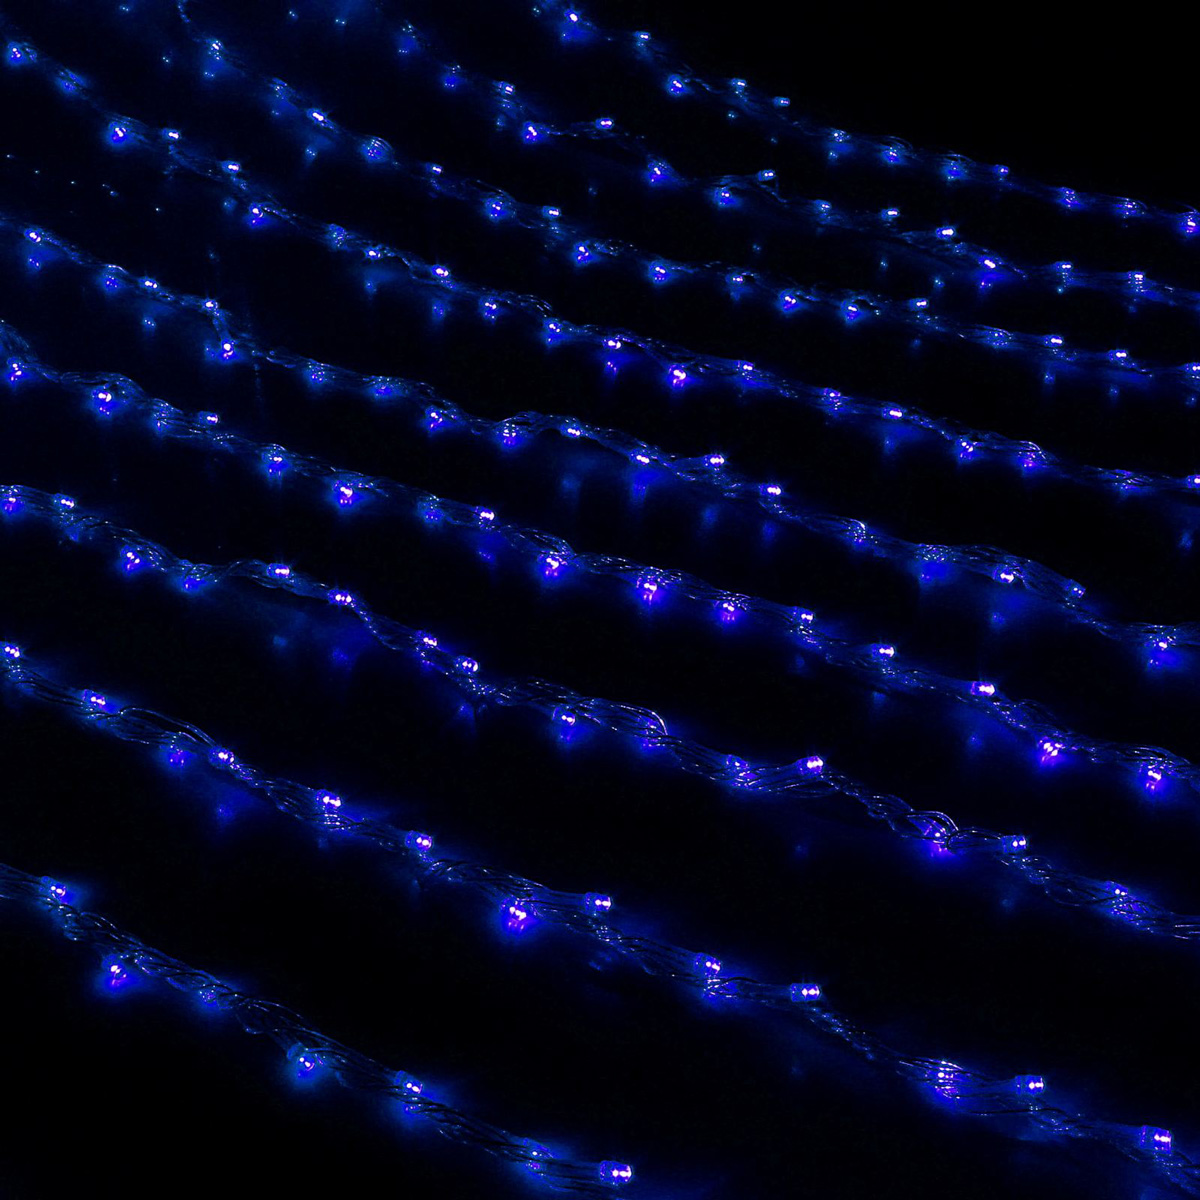 Гирлянда светодиодная Luazon Дождь, уличная, 8 режимов, 1500 ламп, 220 V, цвет: синий, 2 х 6 м. 706355706355Светодиодные гирлянды, ленты и т.д — это отличный вариант для новогоднего оформления интерьера или фасада. С их помощью помещение любого размера можно превратить в праздничный зал, а внешние элементы зданий, украшенные ими, мгновенно станут напоминать очертания сказочного дворца. Такие украшения создают ауру предвкушения чуда. Деревья, фасады, витрины, окна и арки будто специально созданы, чтобы вы украсили их светящимися нитями.